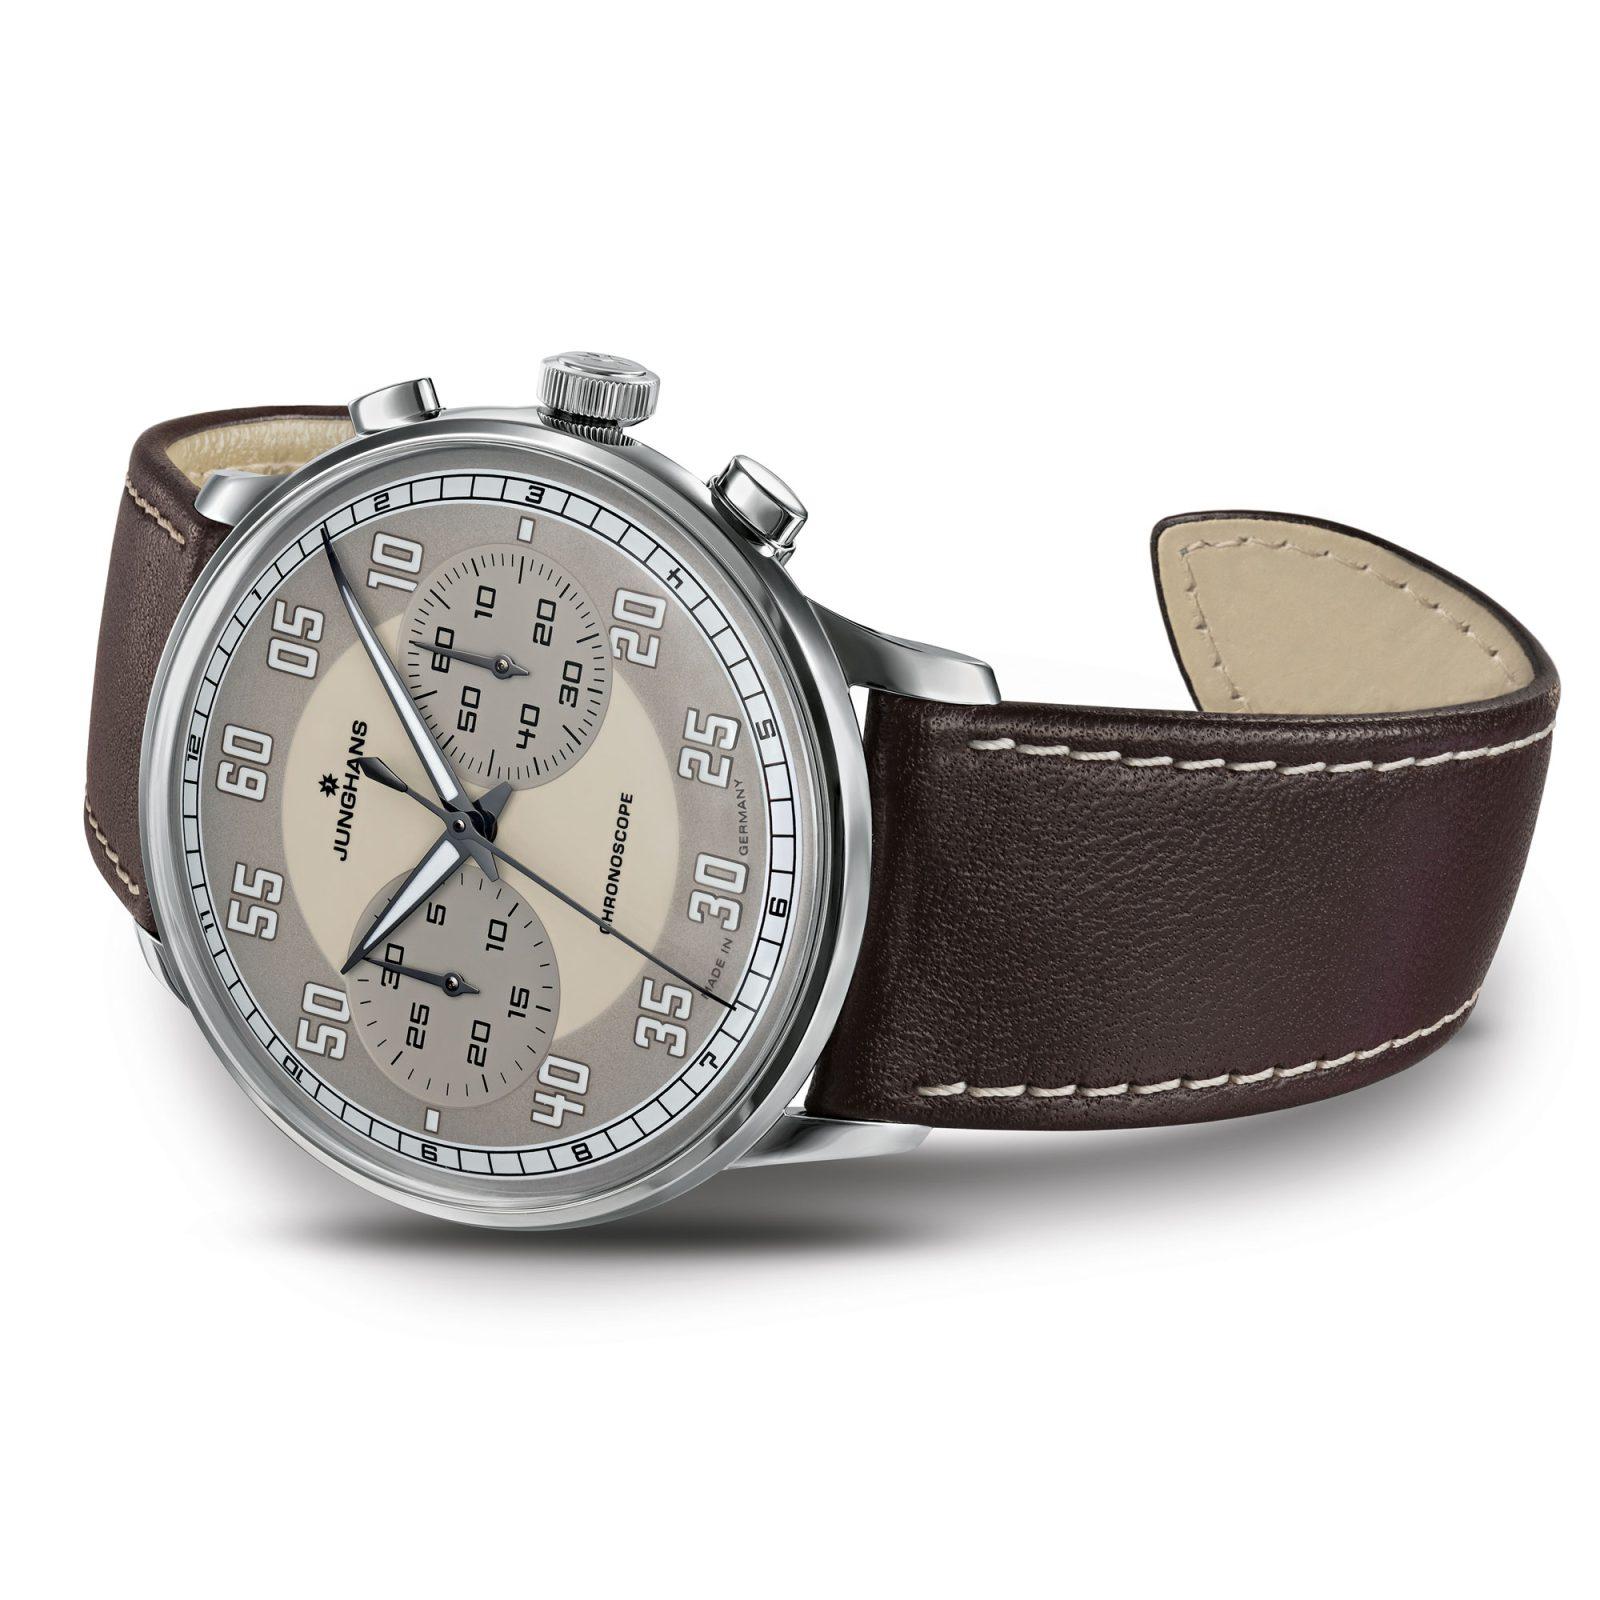 junghans-meister-driver-chronoscope-027-3684-00-2